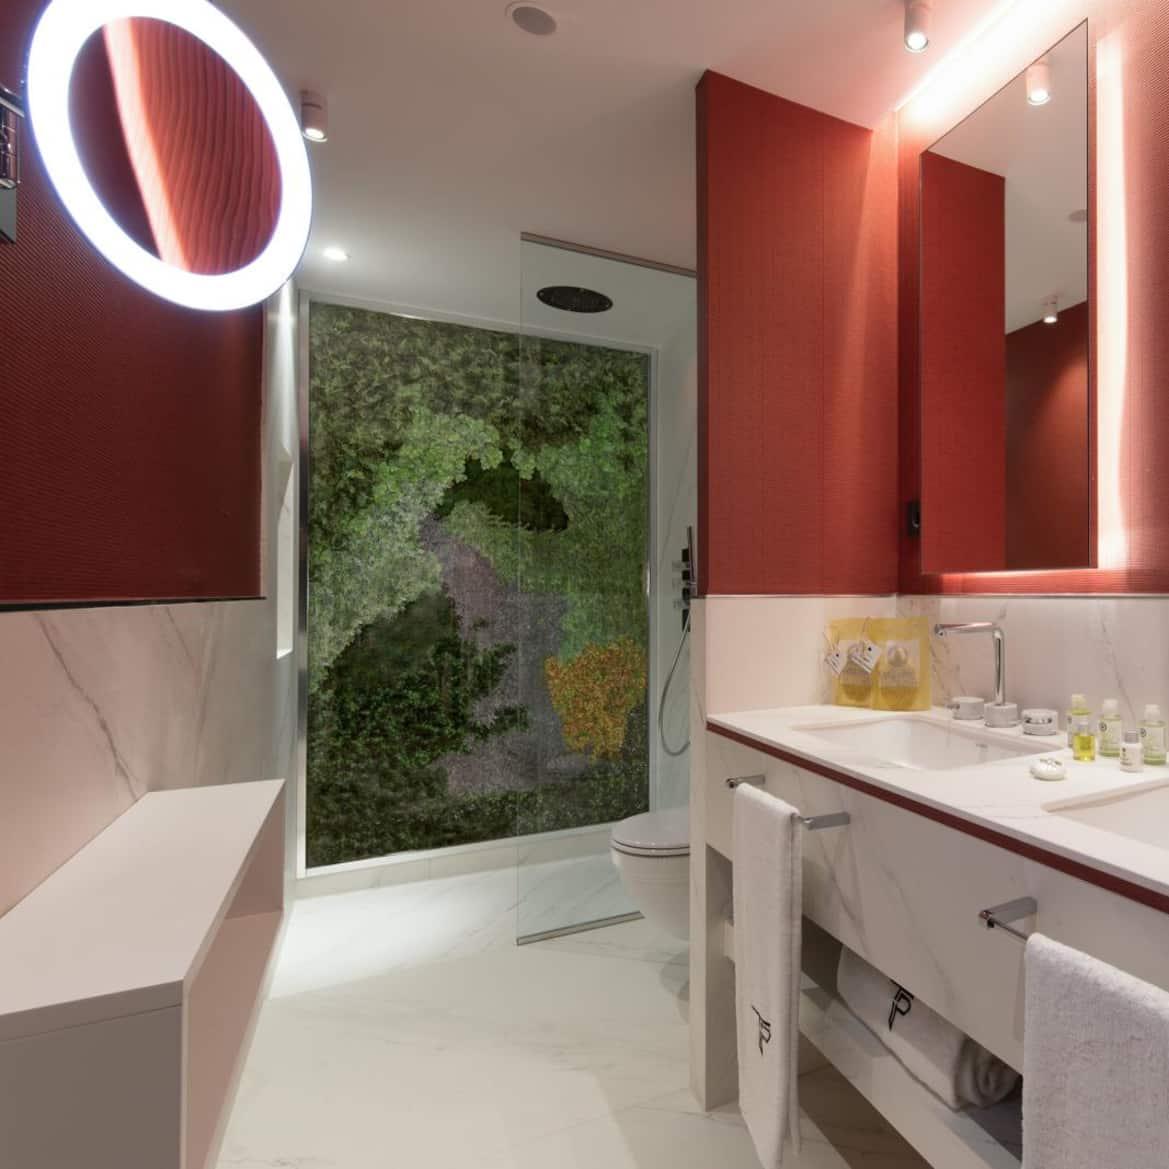 Suite estudio: cuarto de baño amplio - The Pavilions Madrid